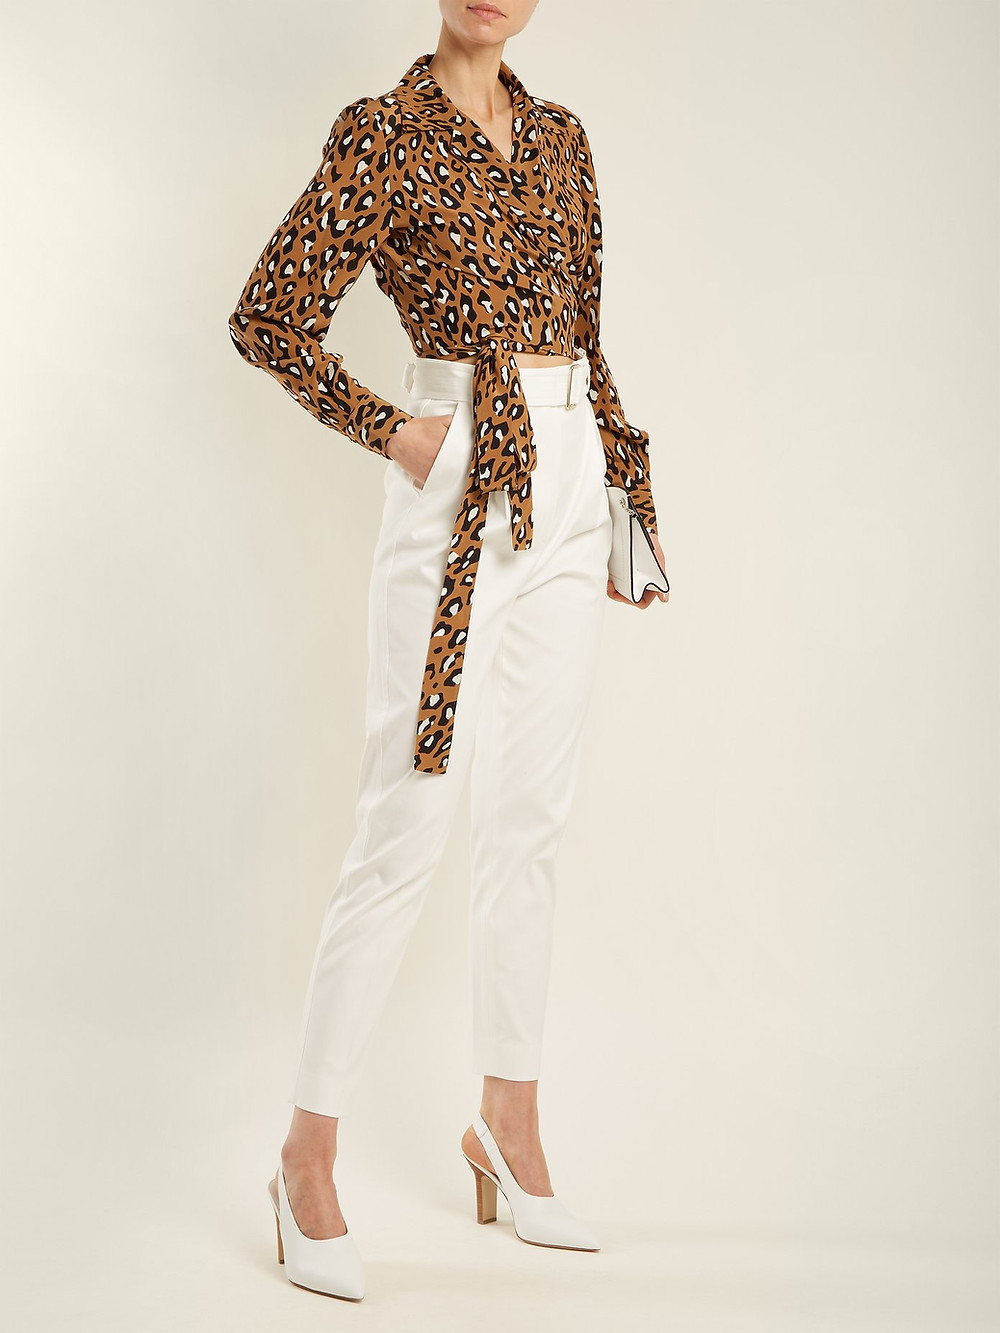 Diane Von Furstenberg Whitman leopard-print silk blouse $178